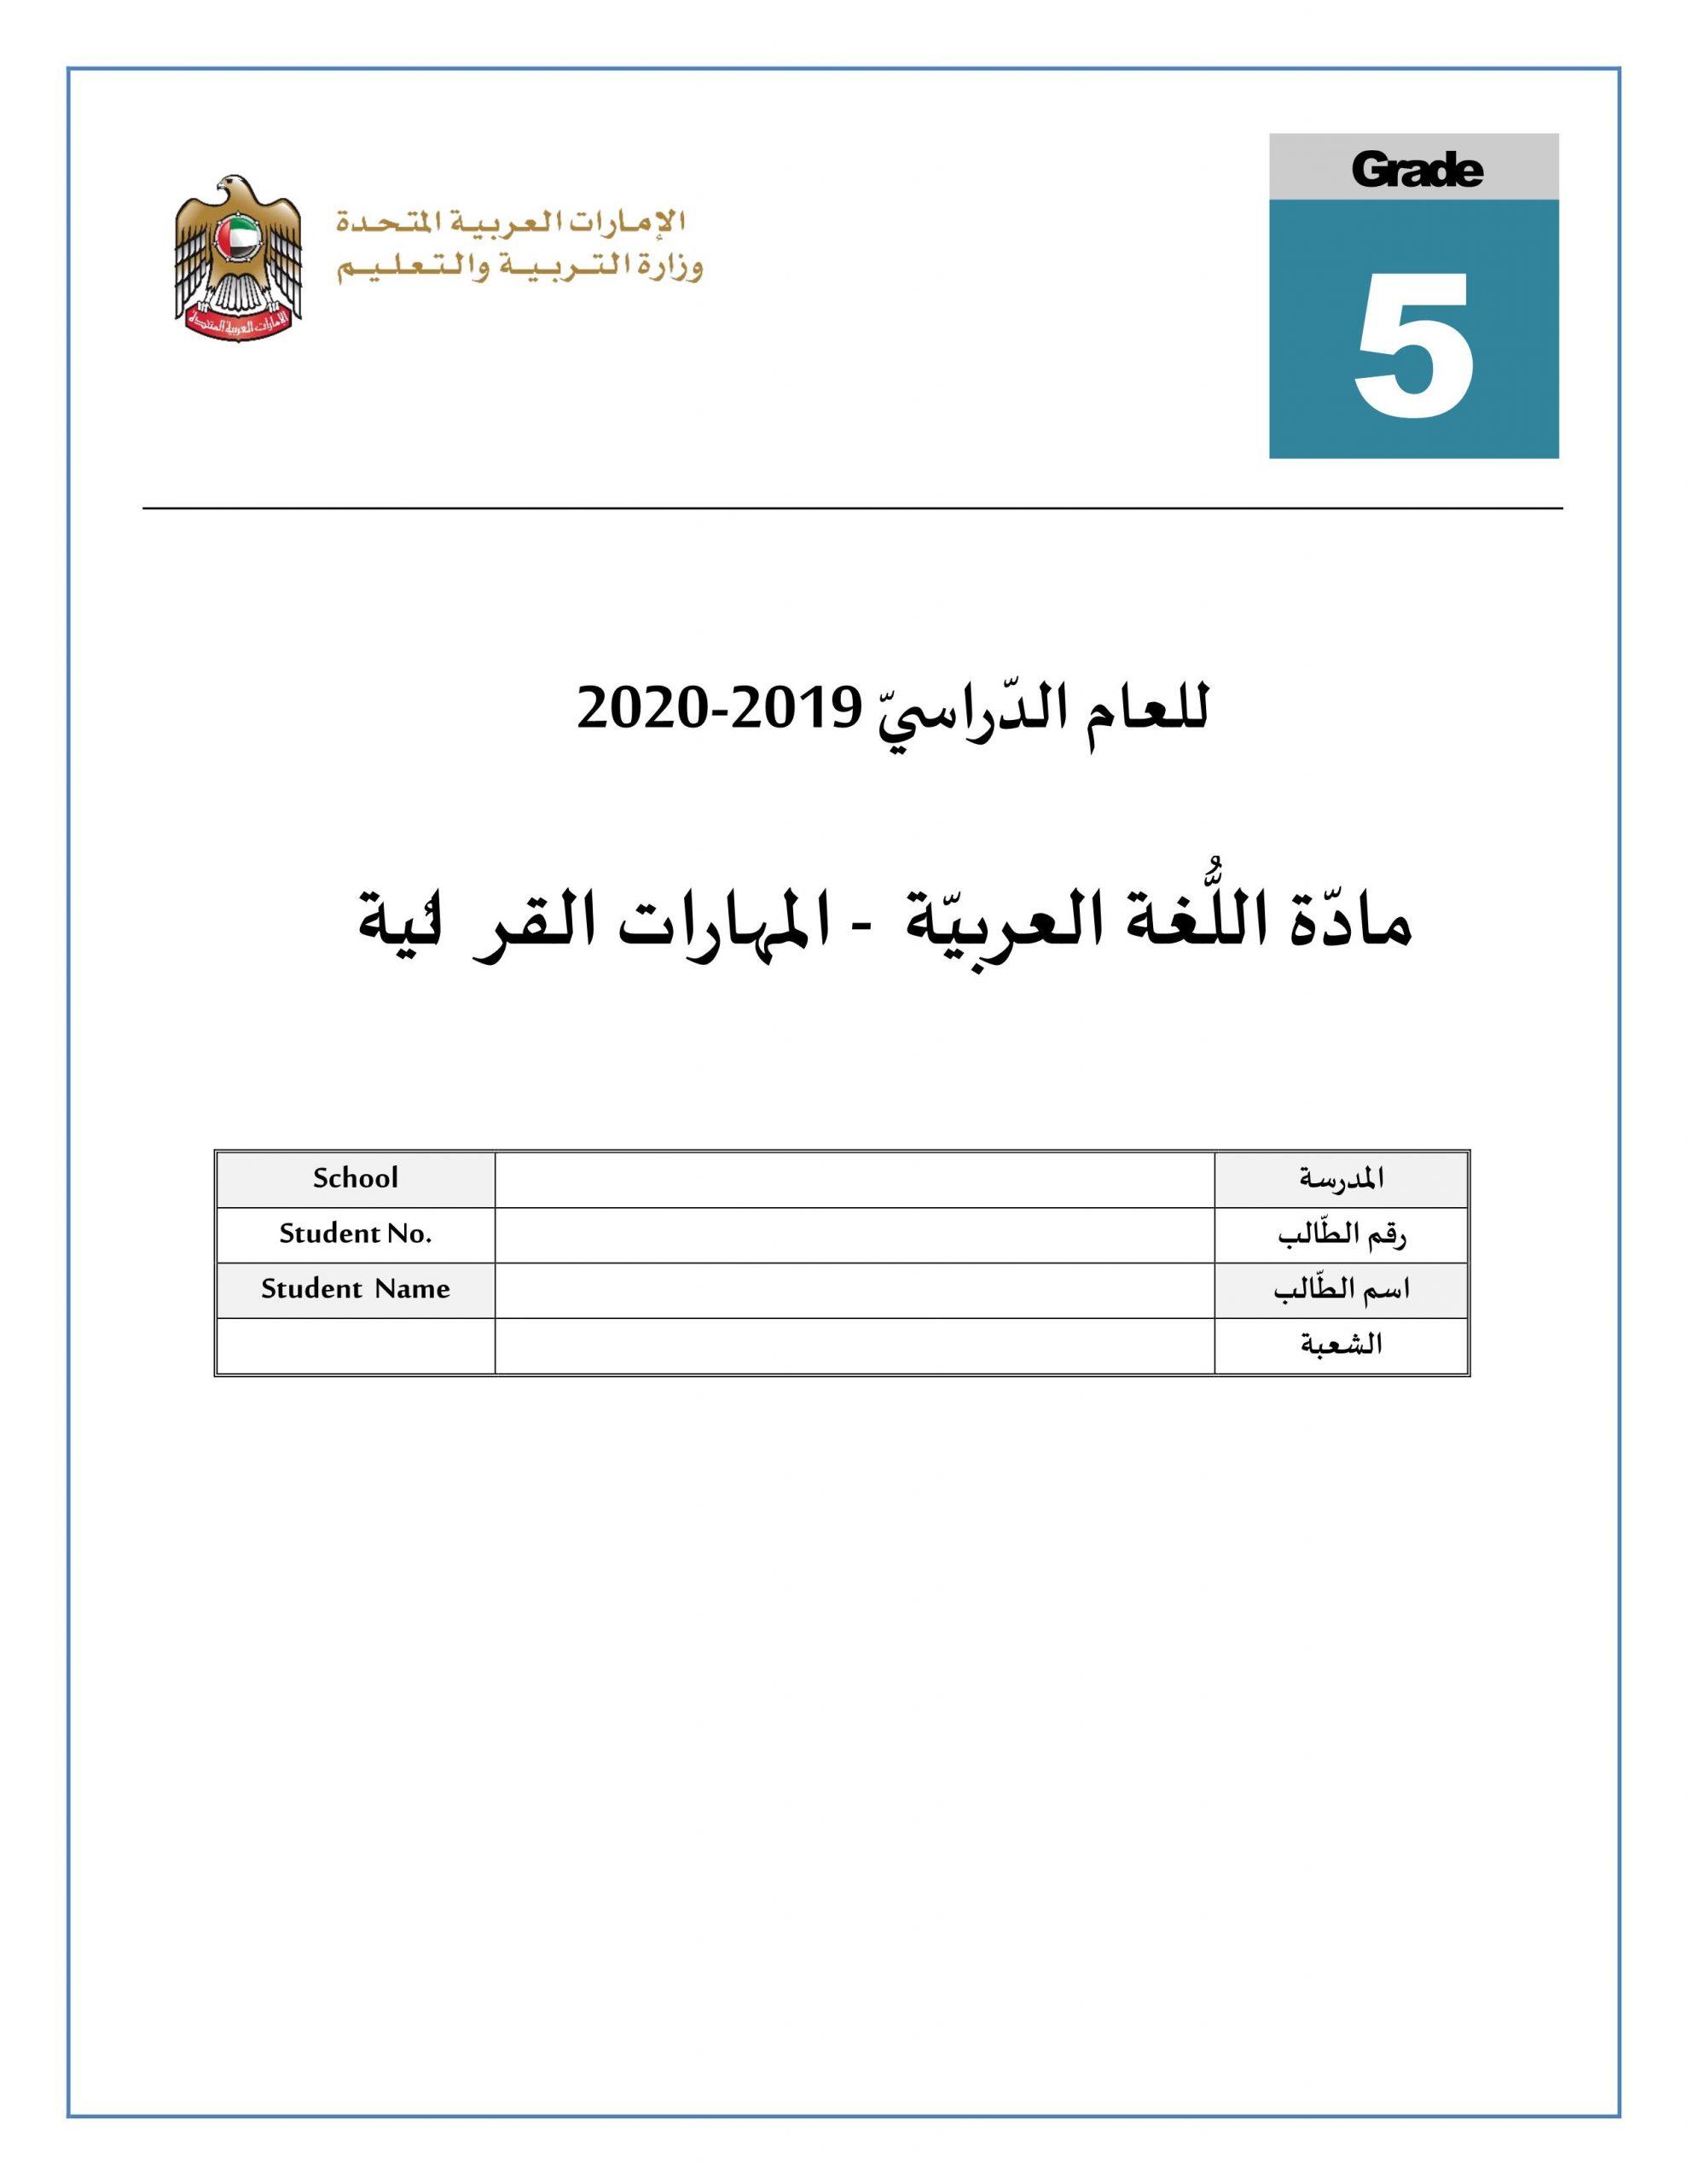 اوراق عمل المهارات القرائية الصف الخامس مادة اللغة العربية